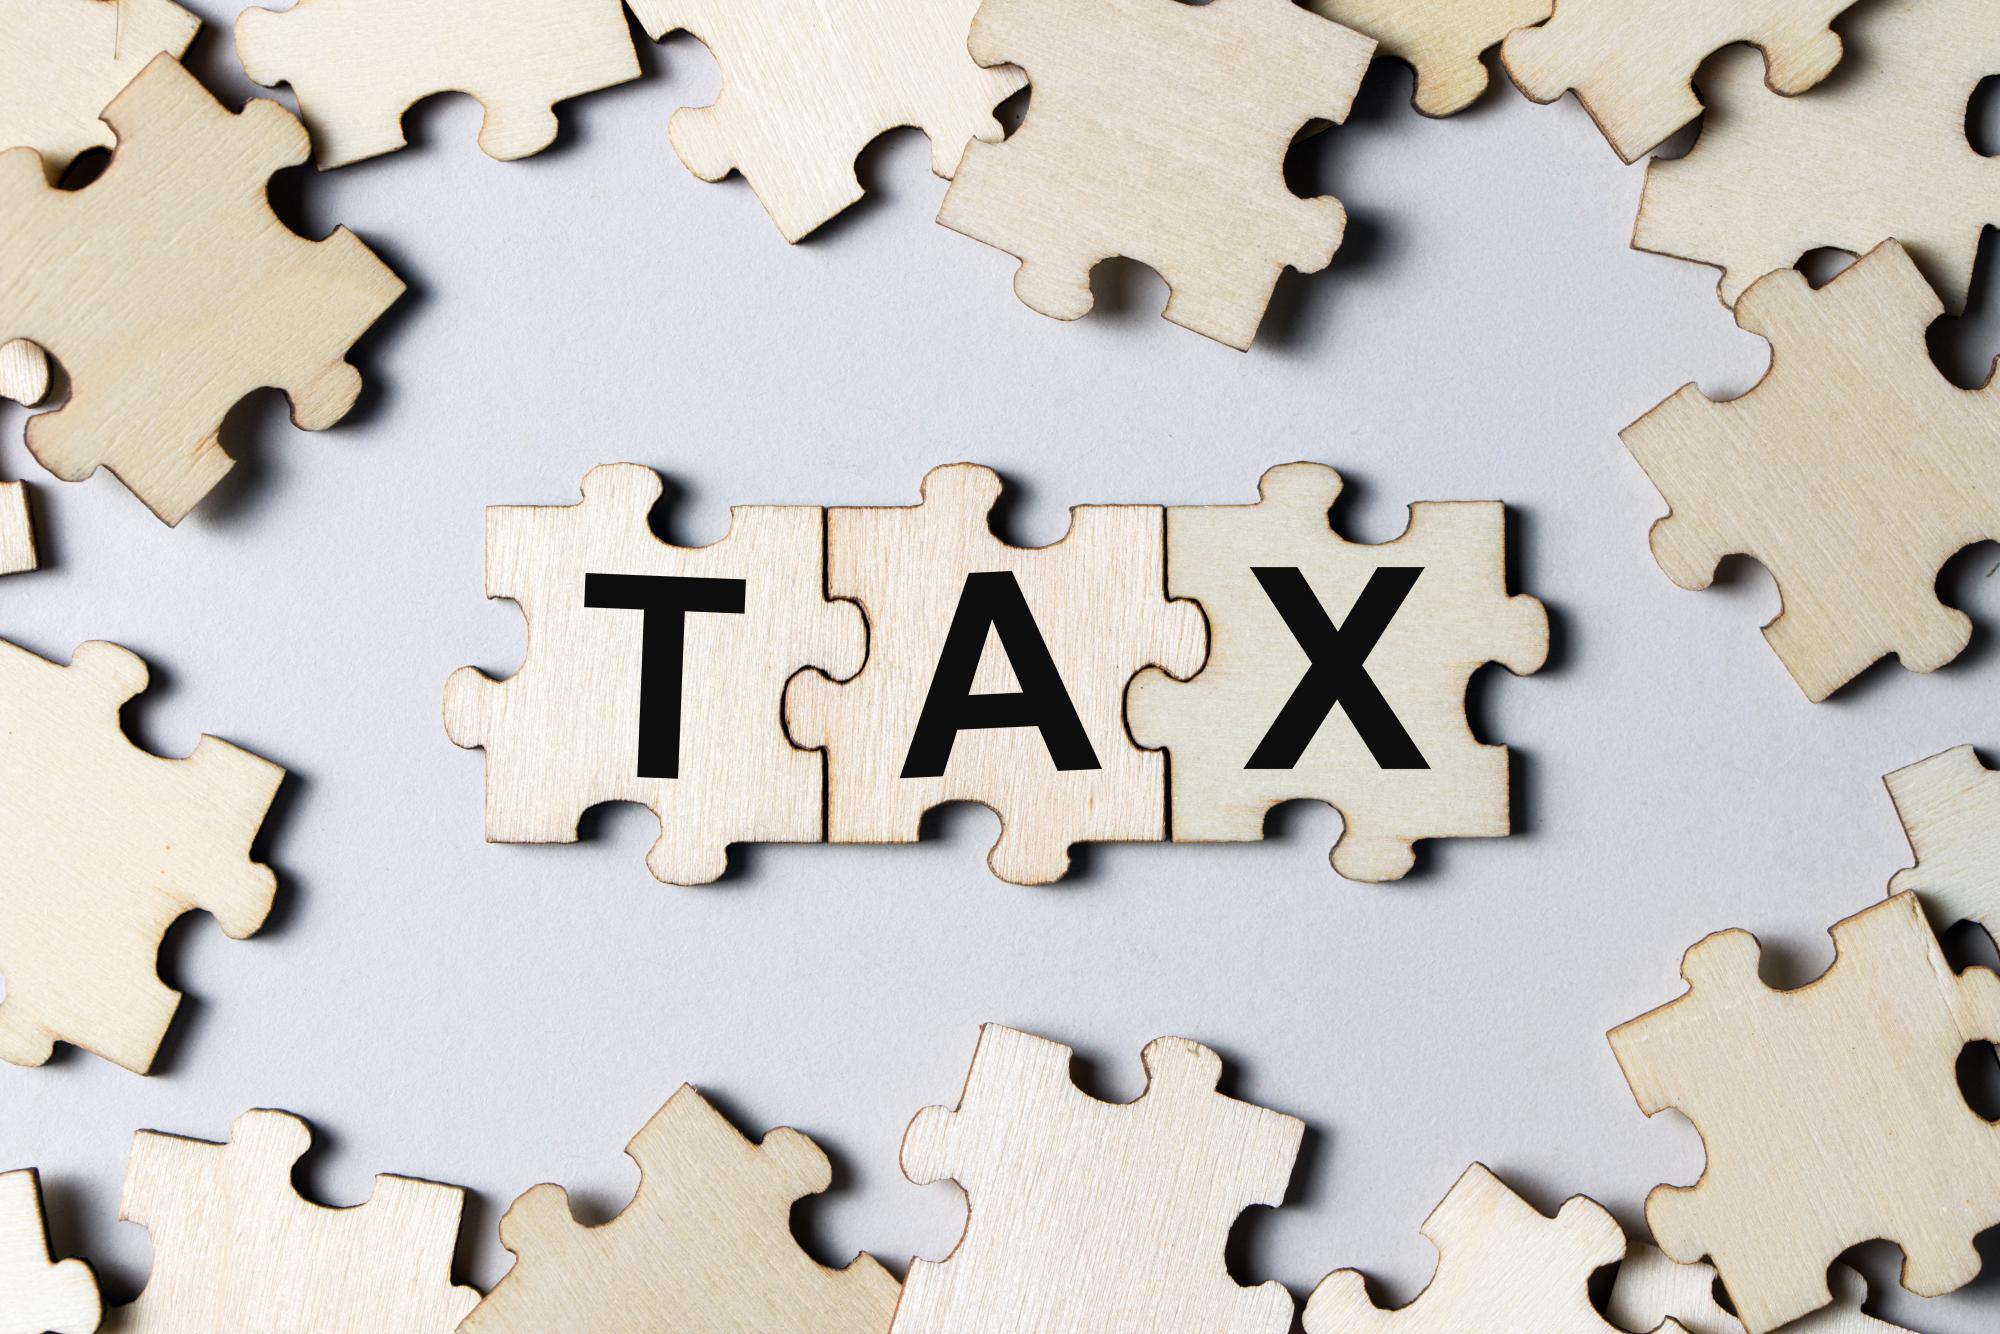 Компании, солидарно платящие налог на прибыль, не смогут учитывать все убытки